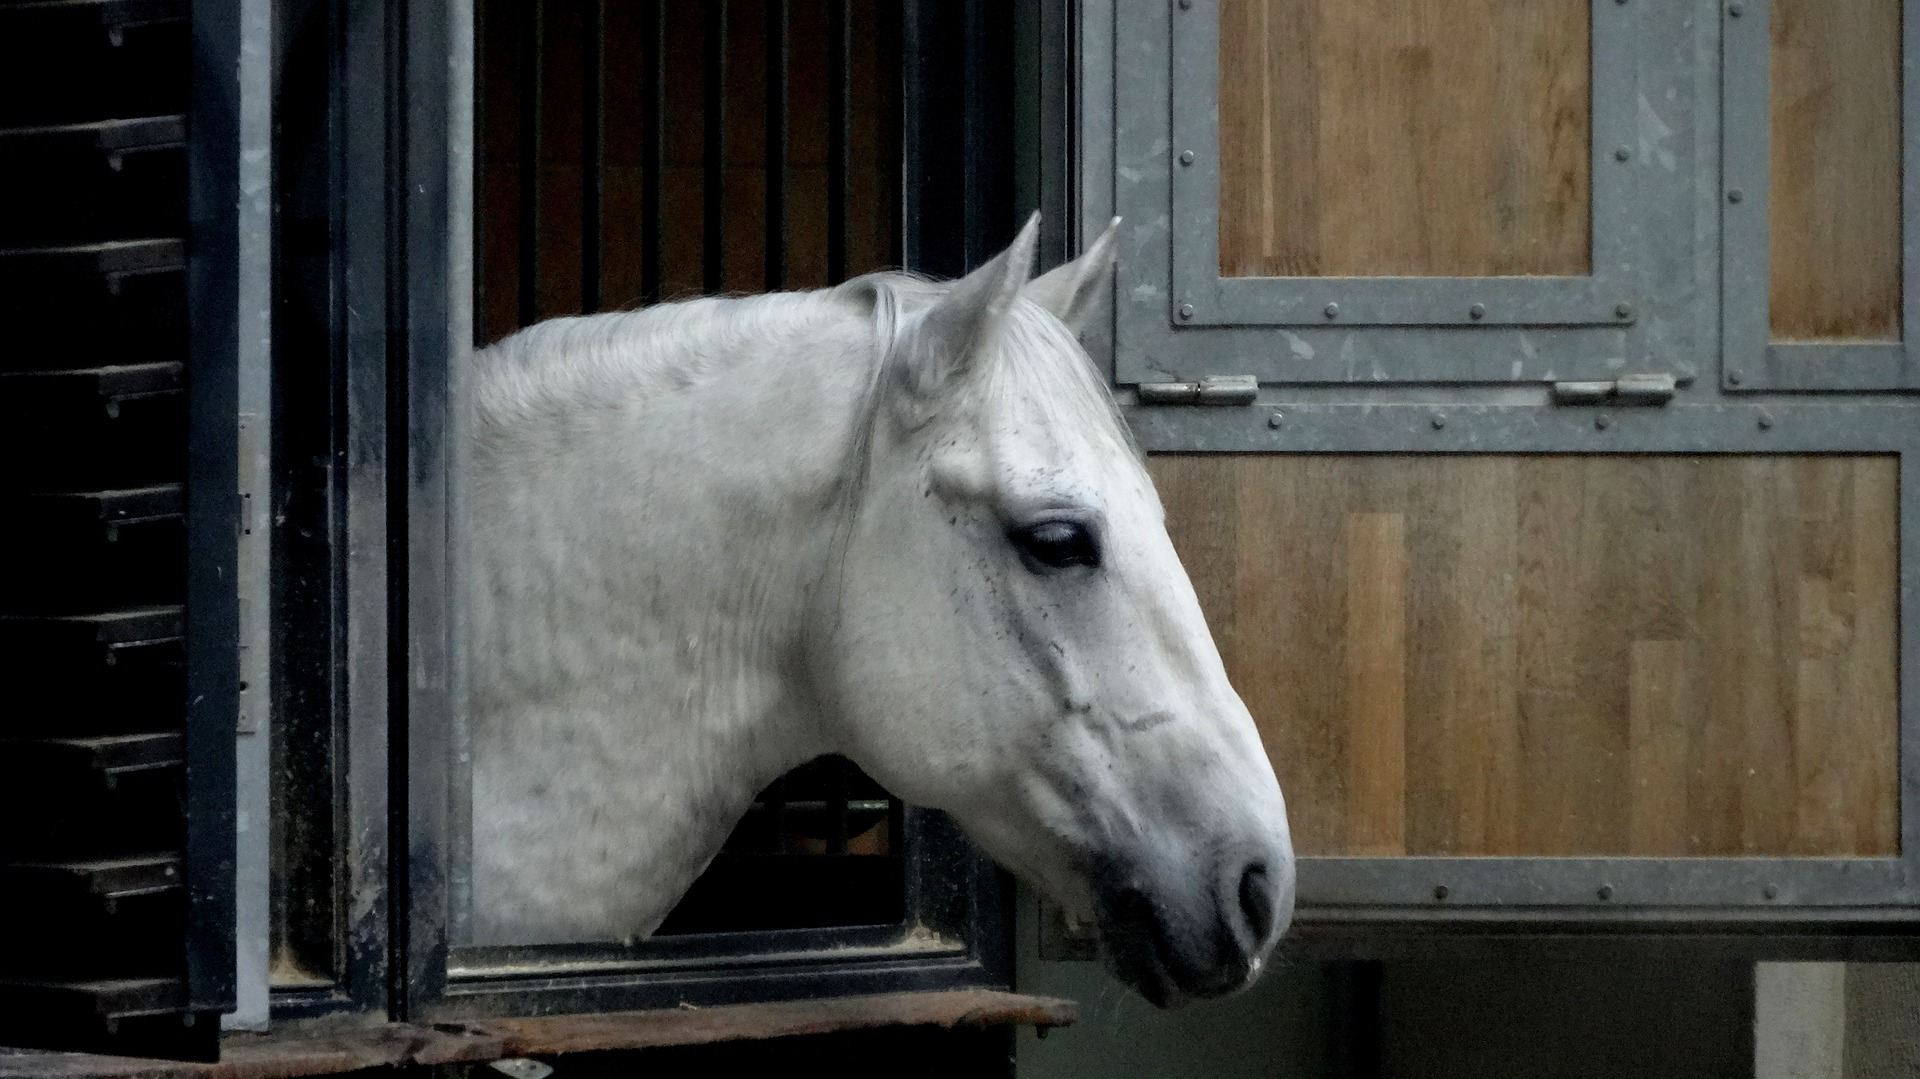 Pferd mag Boxennachbar nicht